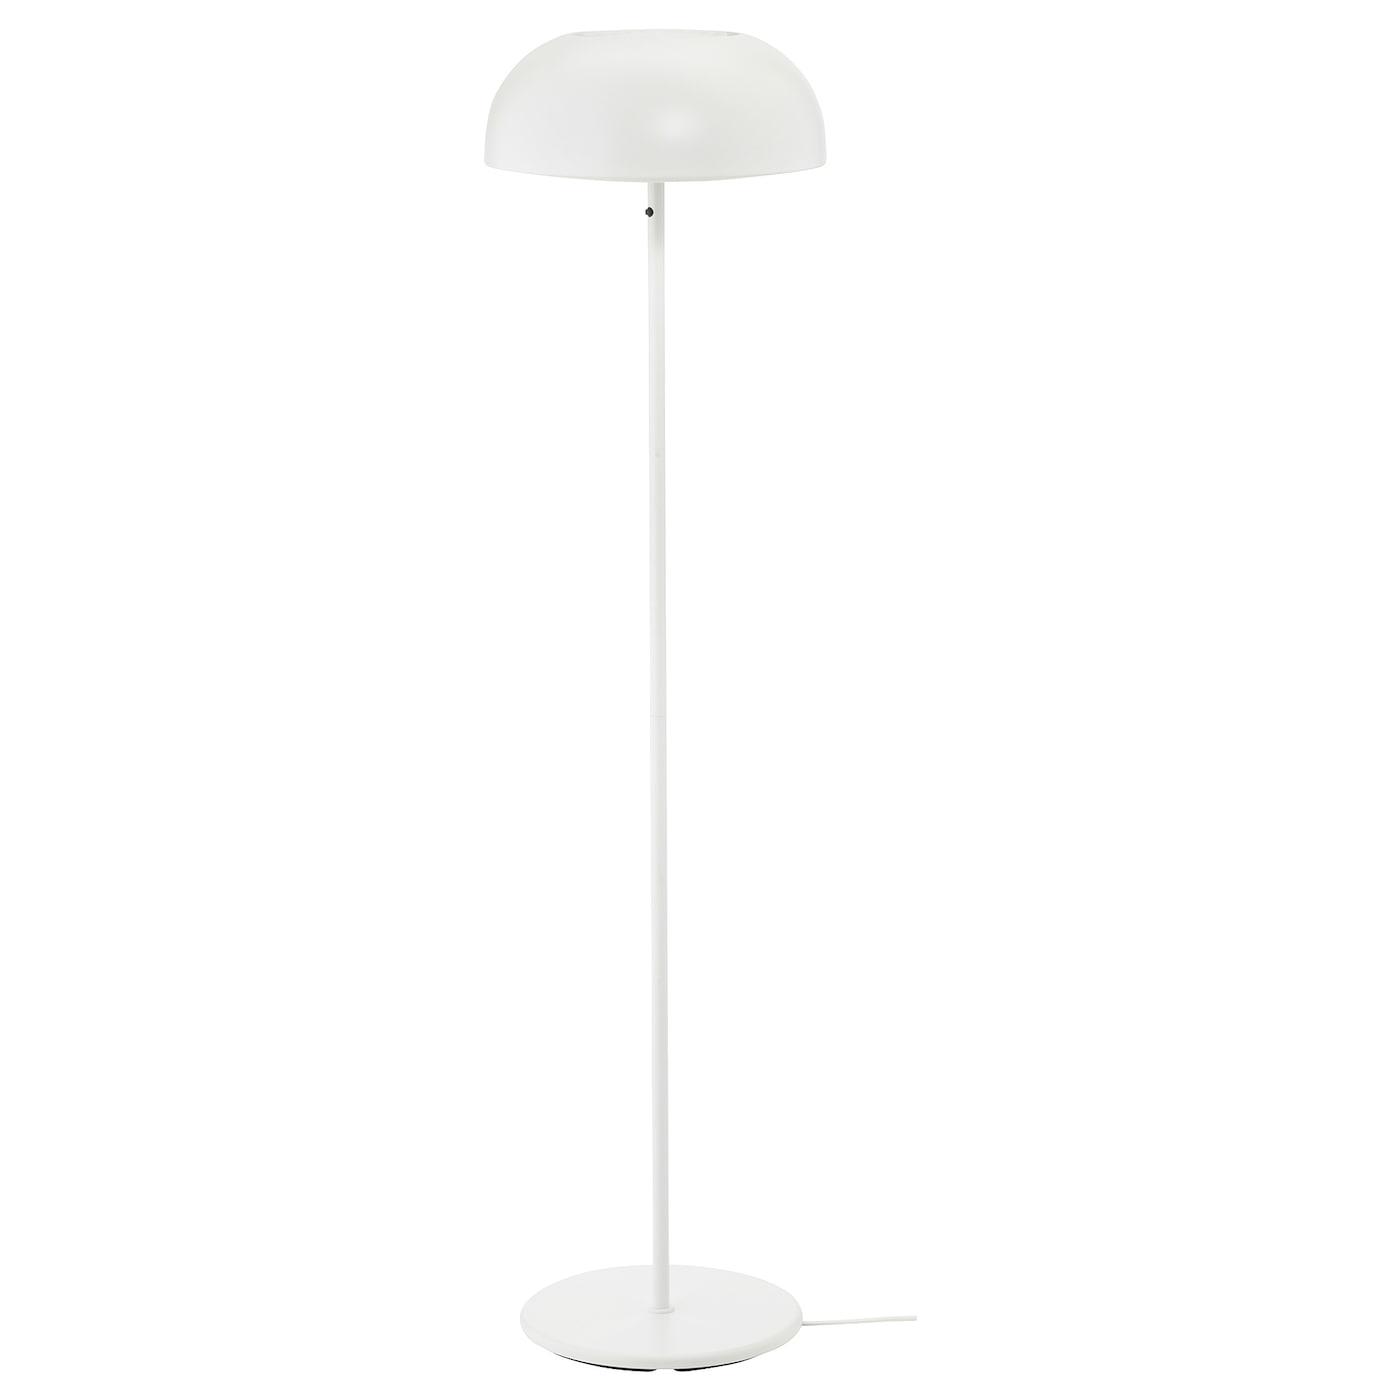 Ikea NymÅne Floor Lamp